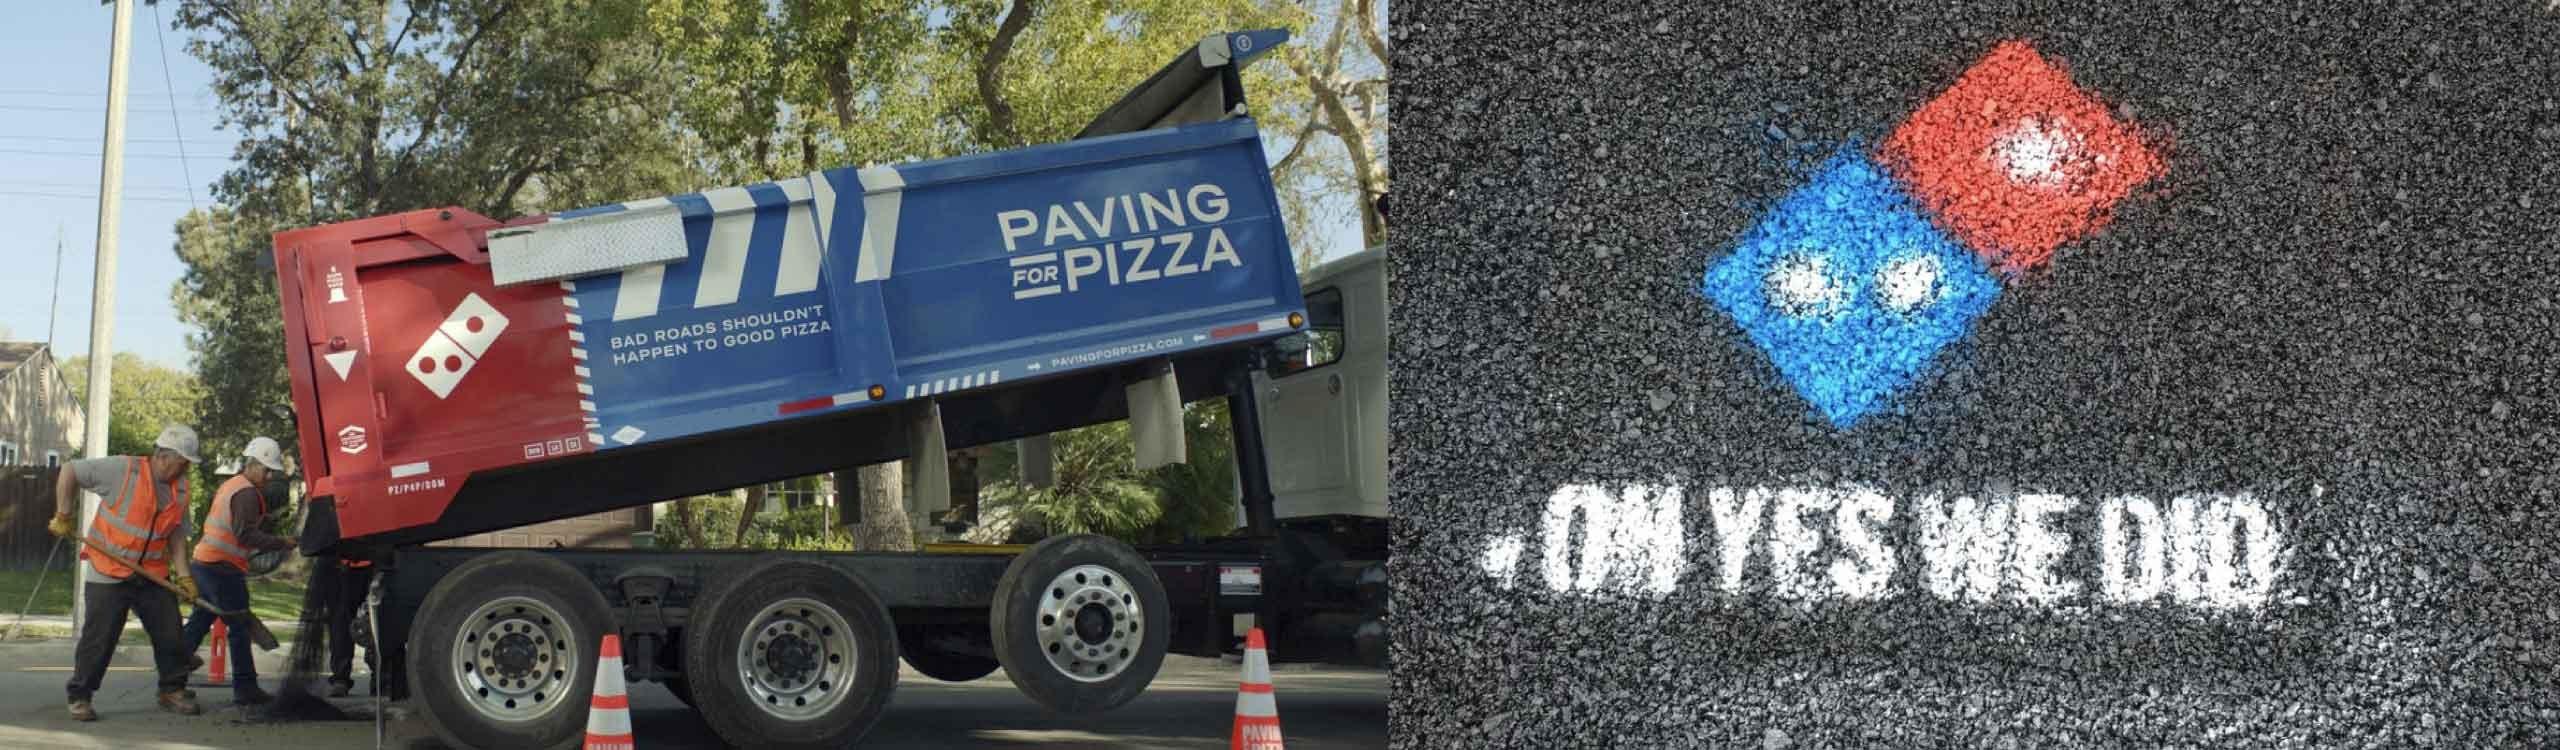 dominos-pizza-paving-for-pizza-mis-gafas-de-pasta-destacado